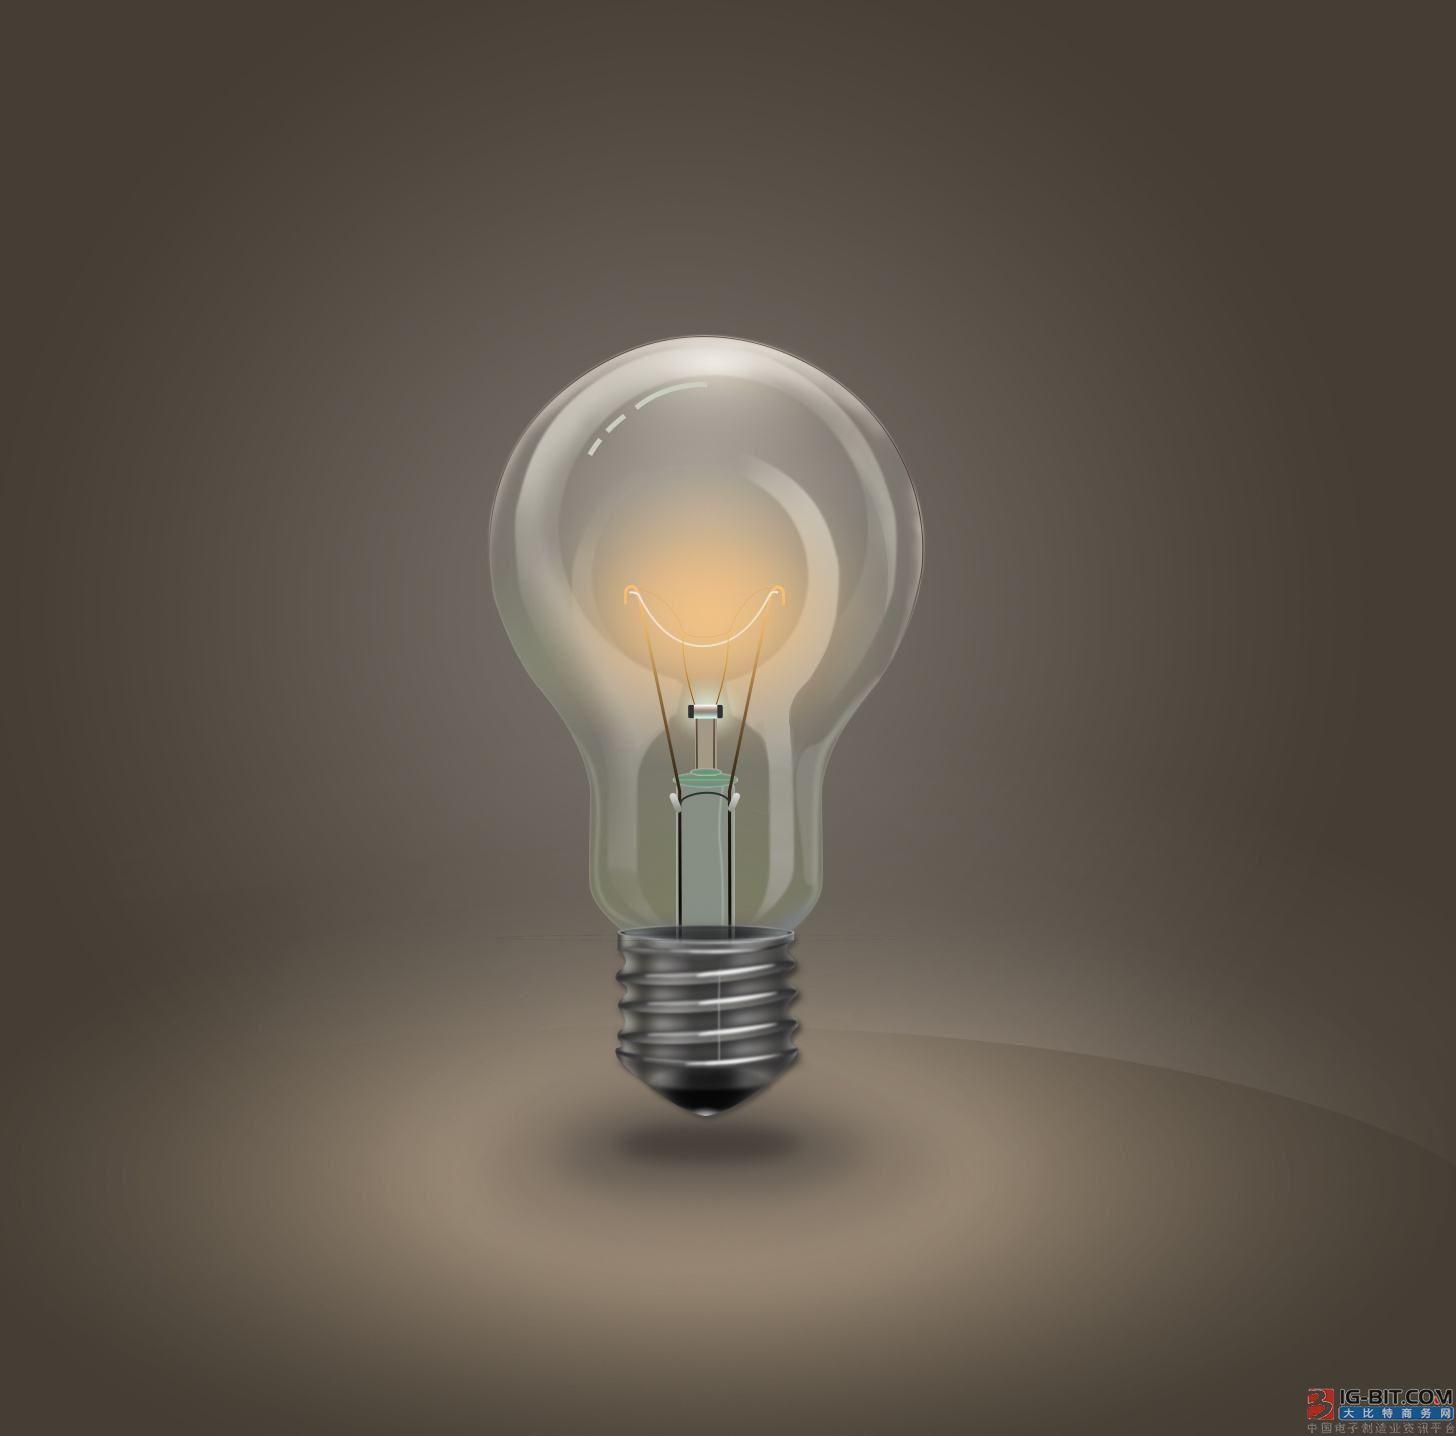 道路照明革命正在发生:LED路灯快速取代高压钠灯